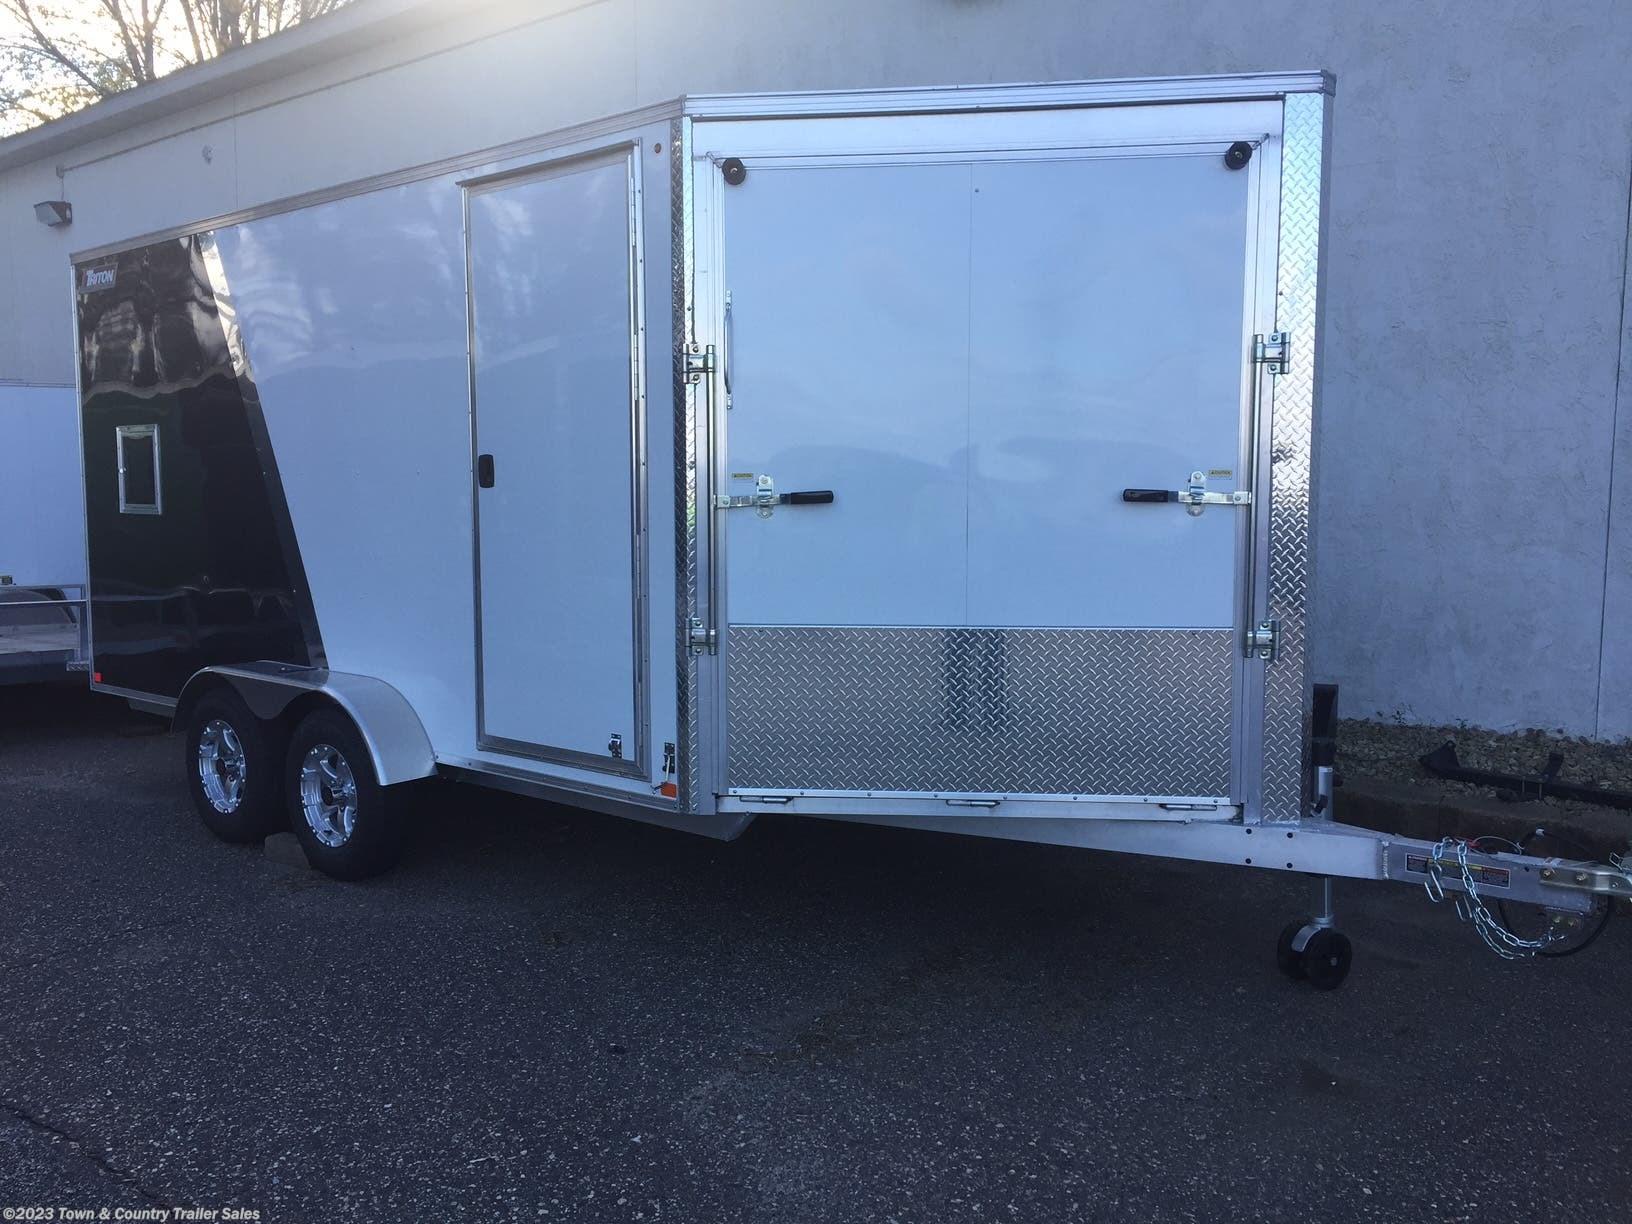 2019 Triton snowmobile trailers